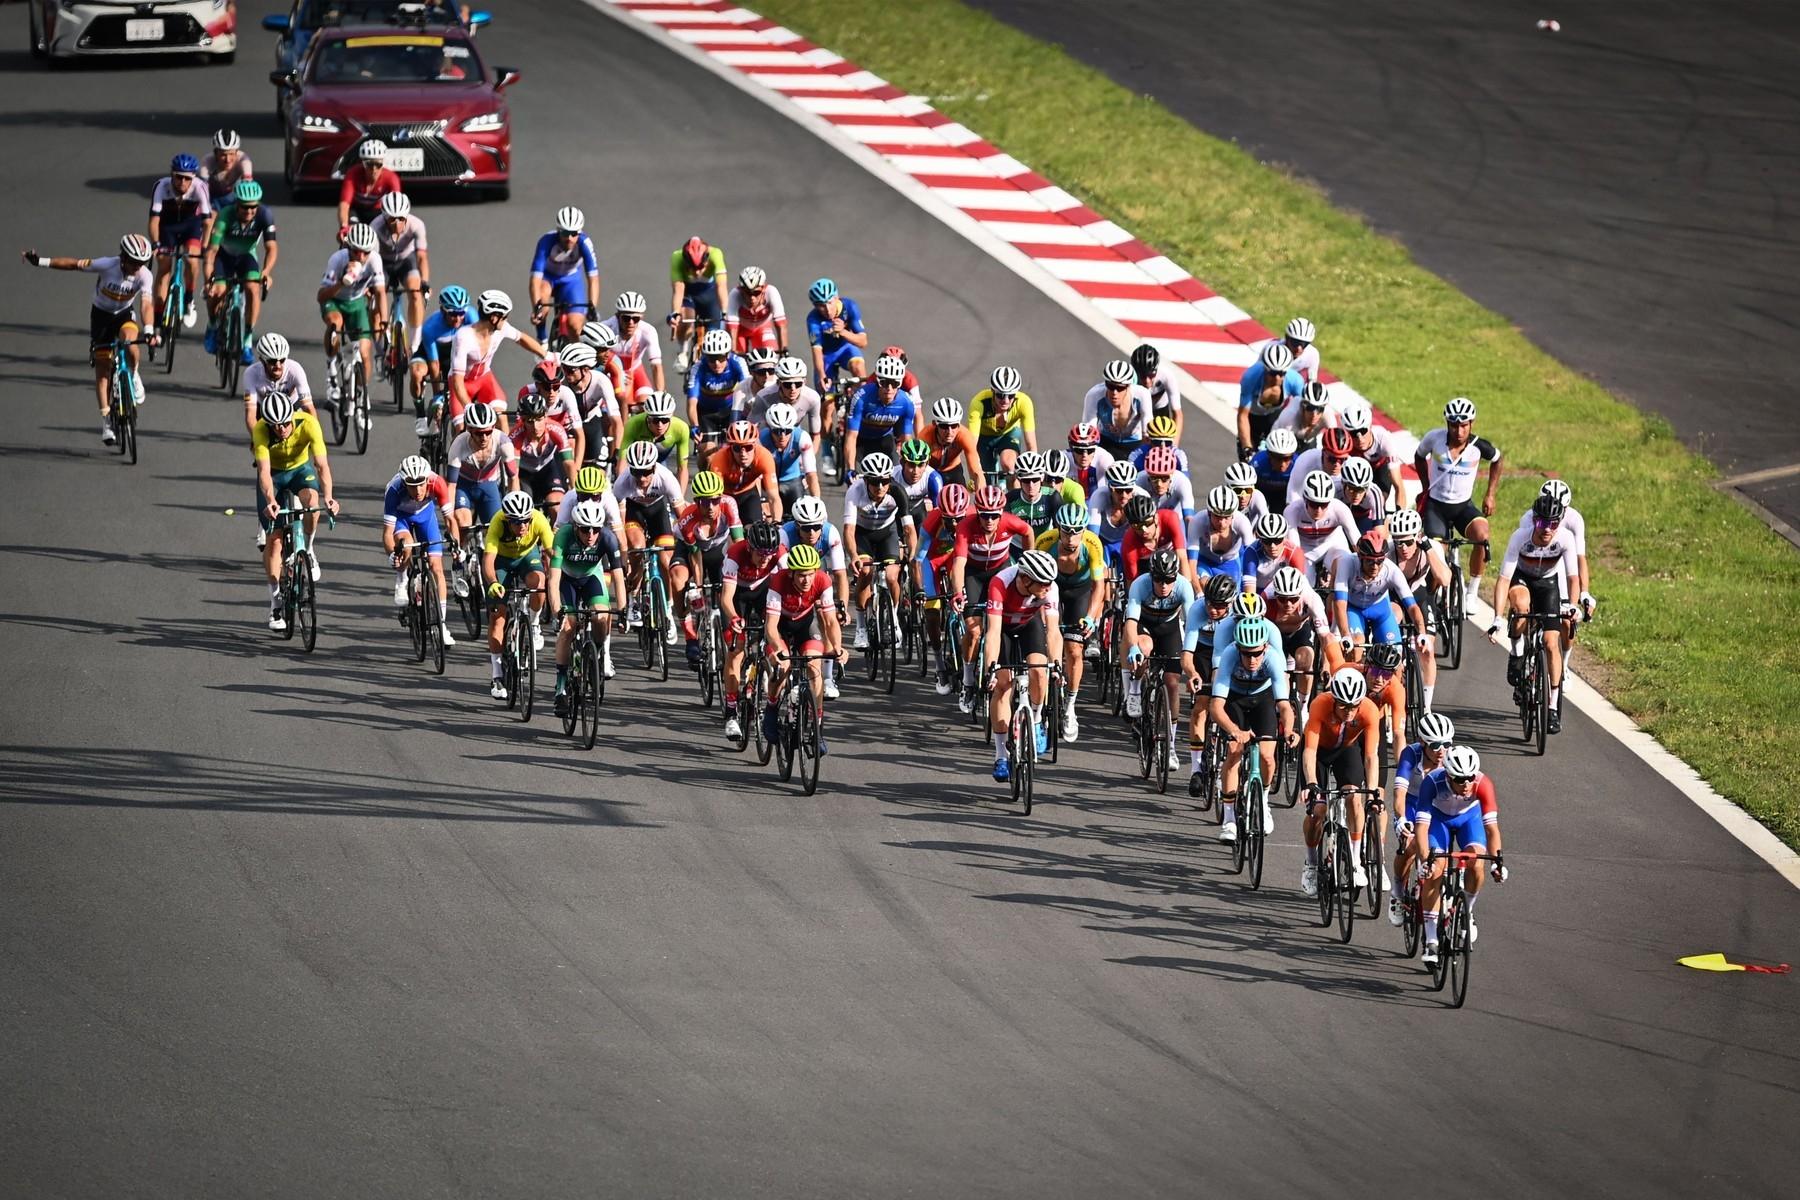 Peloton na olympijských hrách byl v Tokiu naposledy rozdílný pro závod žen a mužů z hlediska počtu účastníků. Foto: profimedia (2x)